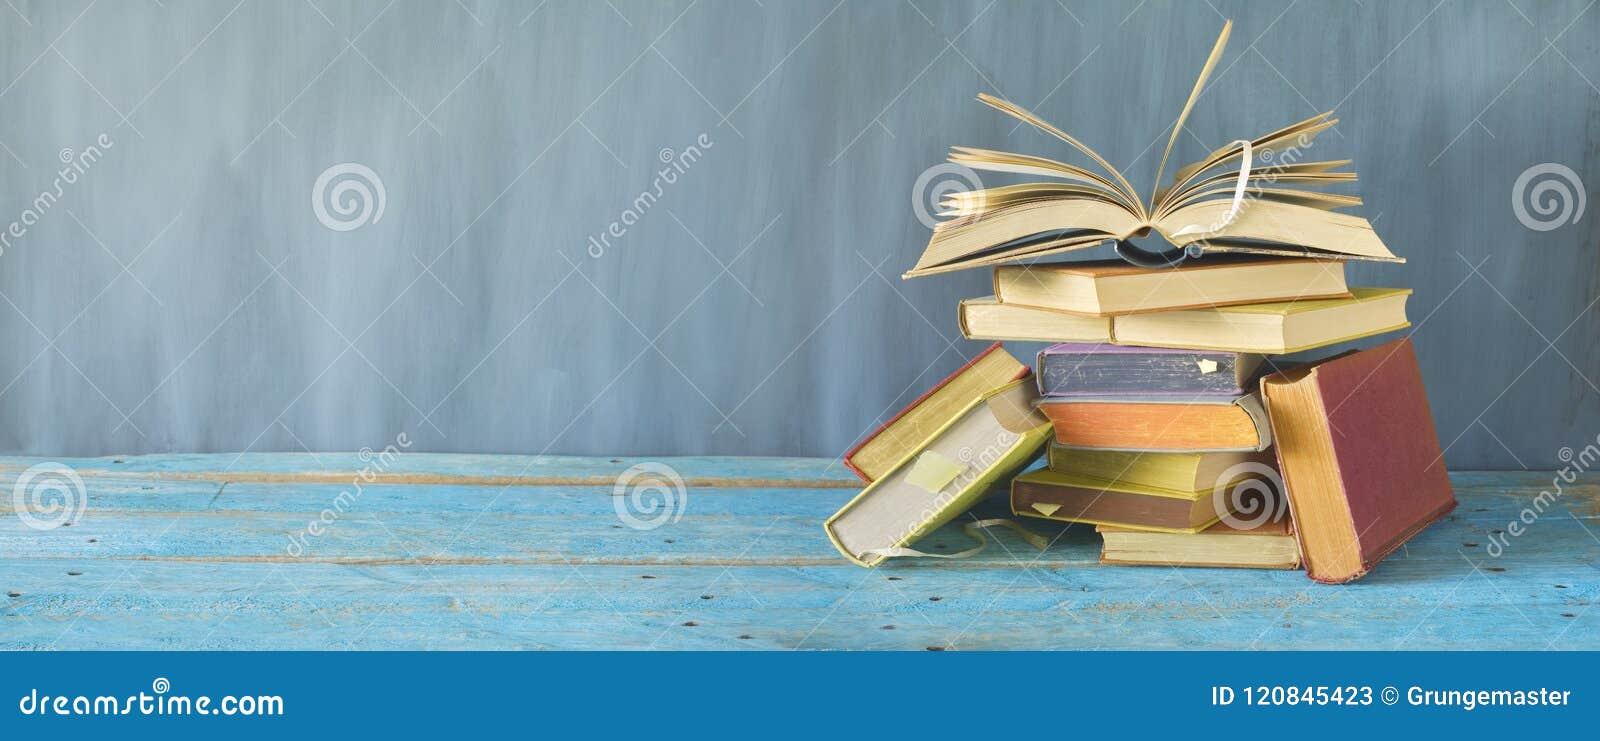 Offenes Buch auf einem Stapel von alten Büchern, Panorama